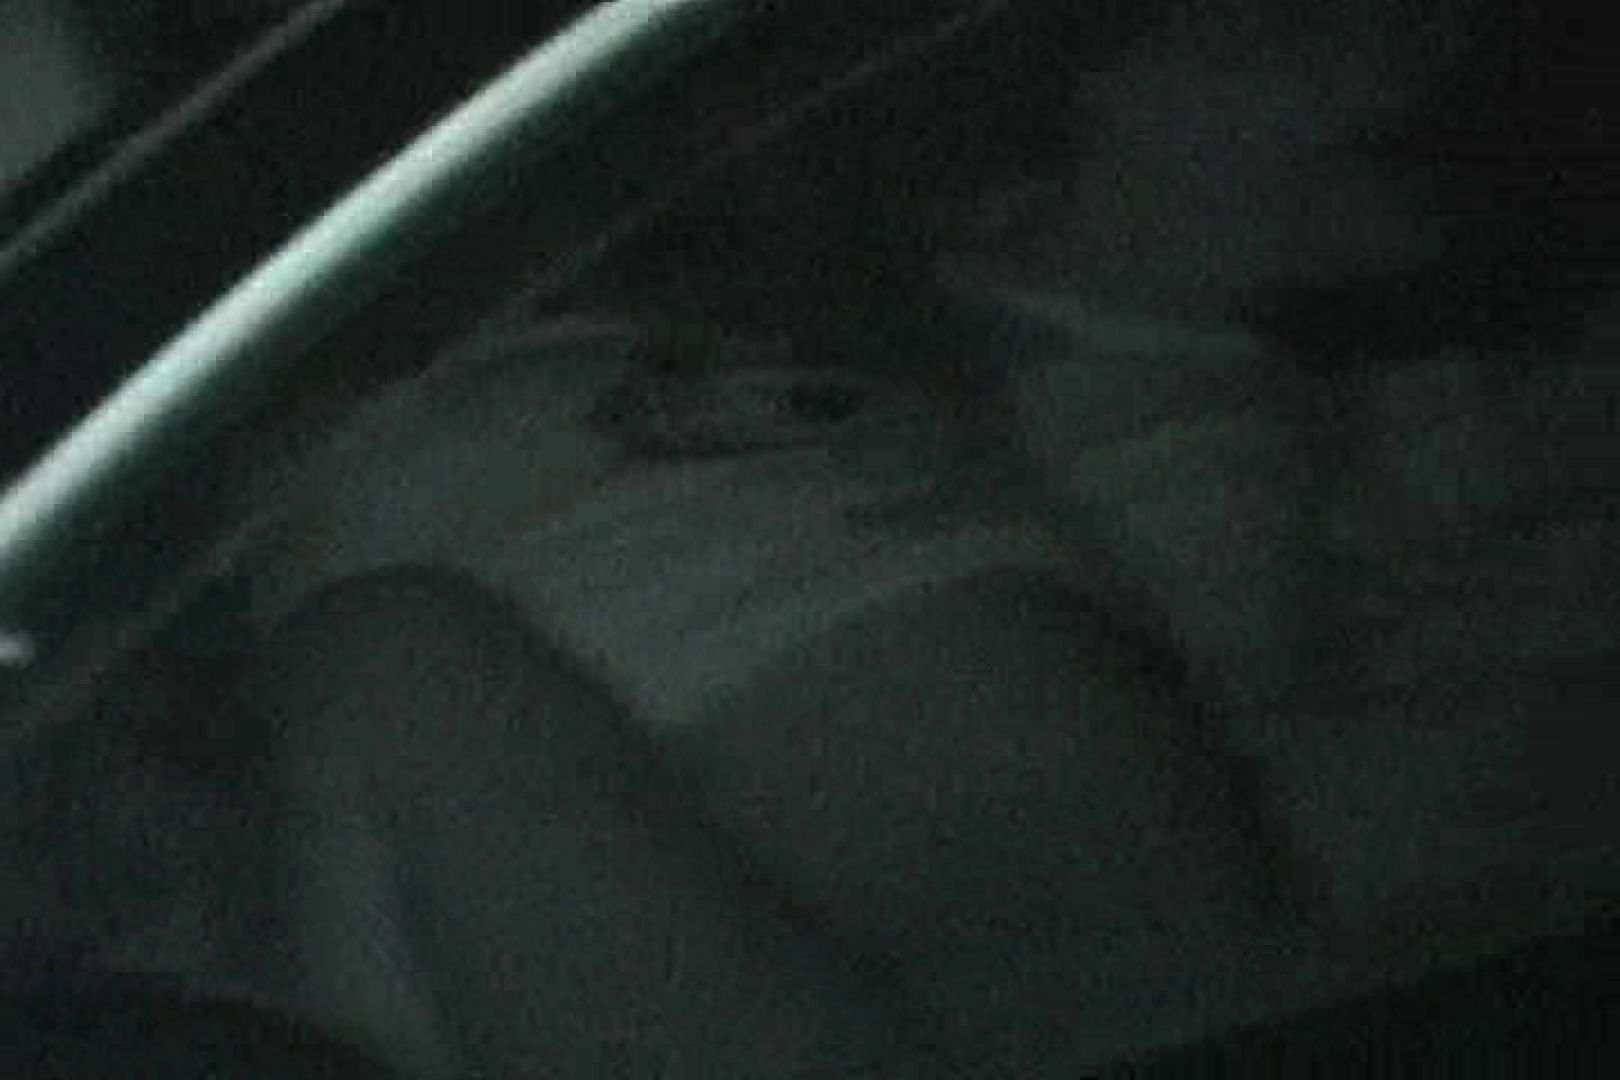 充血監督の深夜の運動会Vol.103 ぽっちゃり | OLエロ画像  72PICs 61